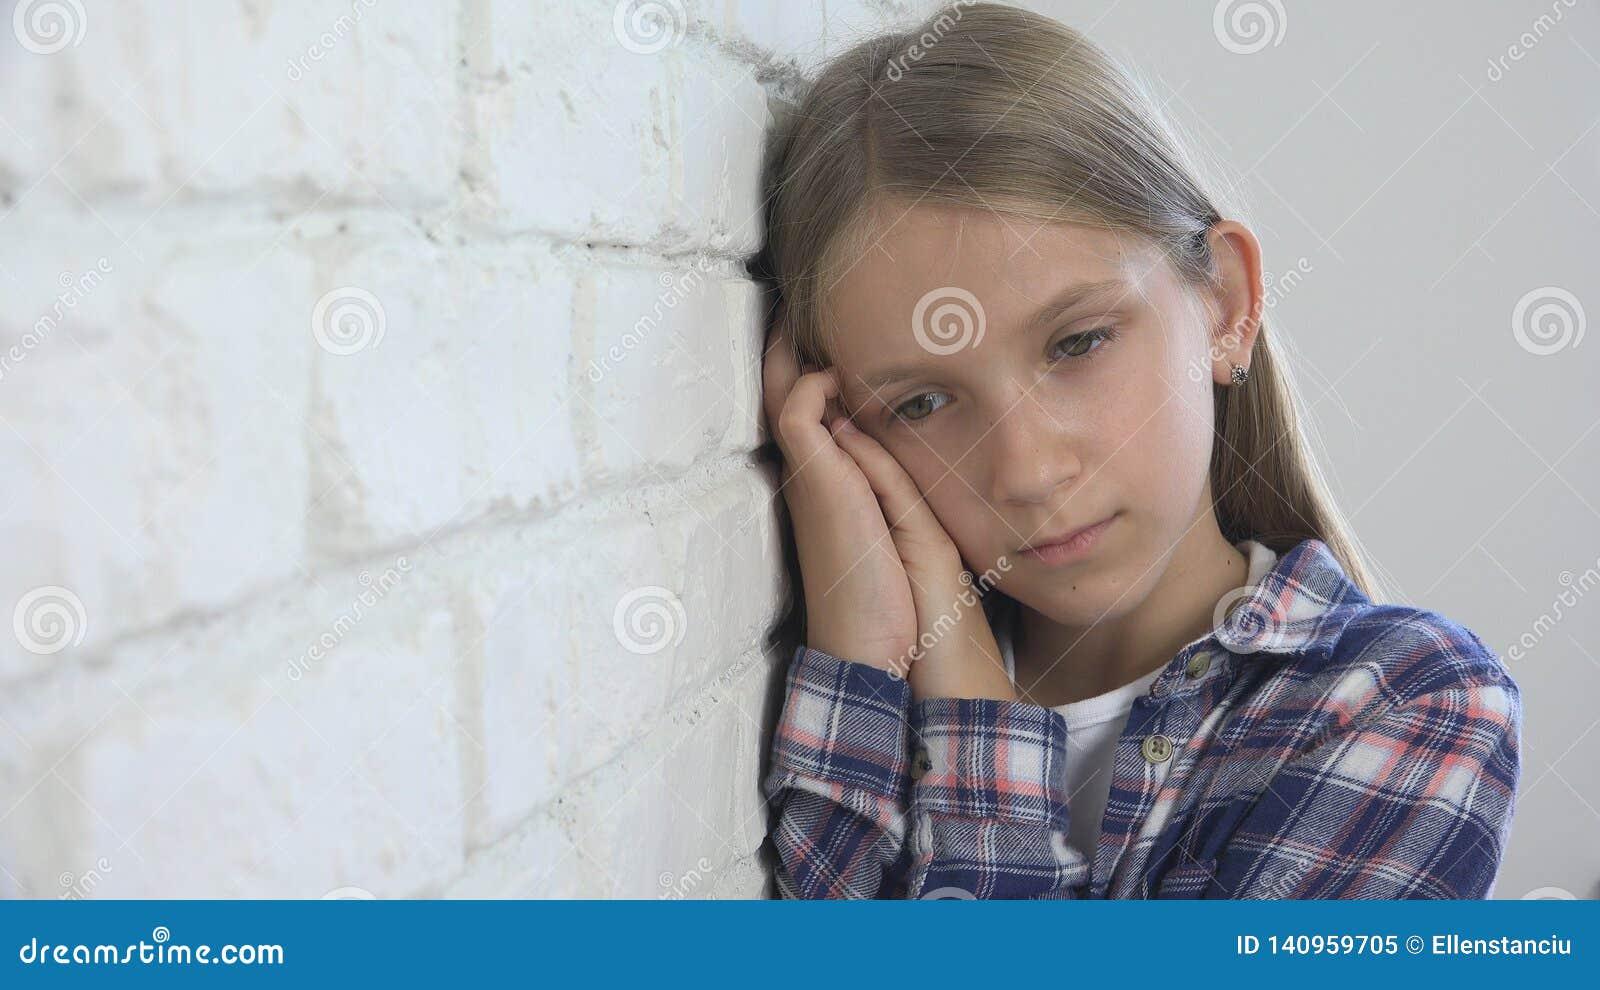 Trauriges Kind, unglückliches Kind, krankes krankes Mädchen in der Krise, betonte durchdachte Person